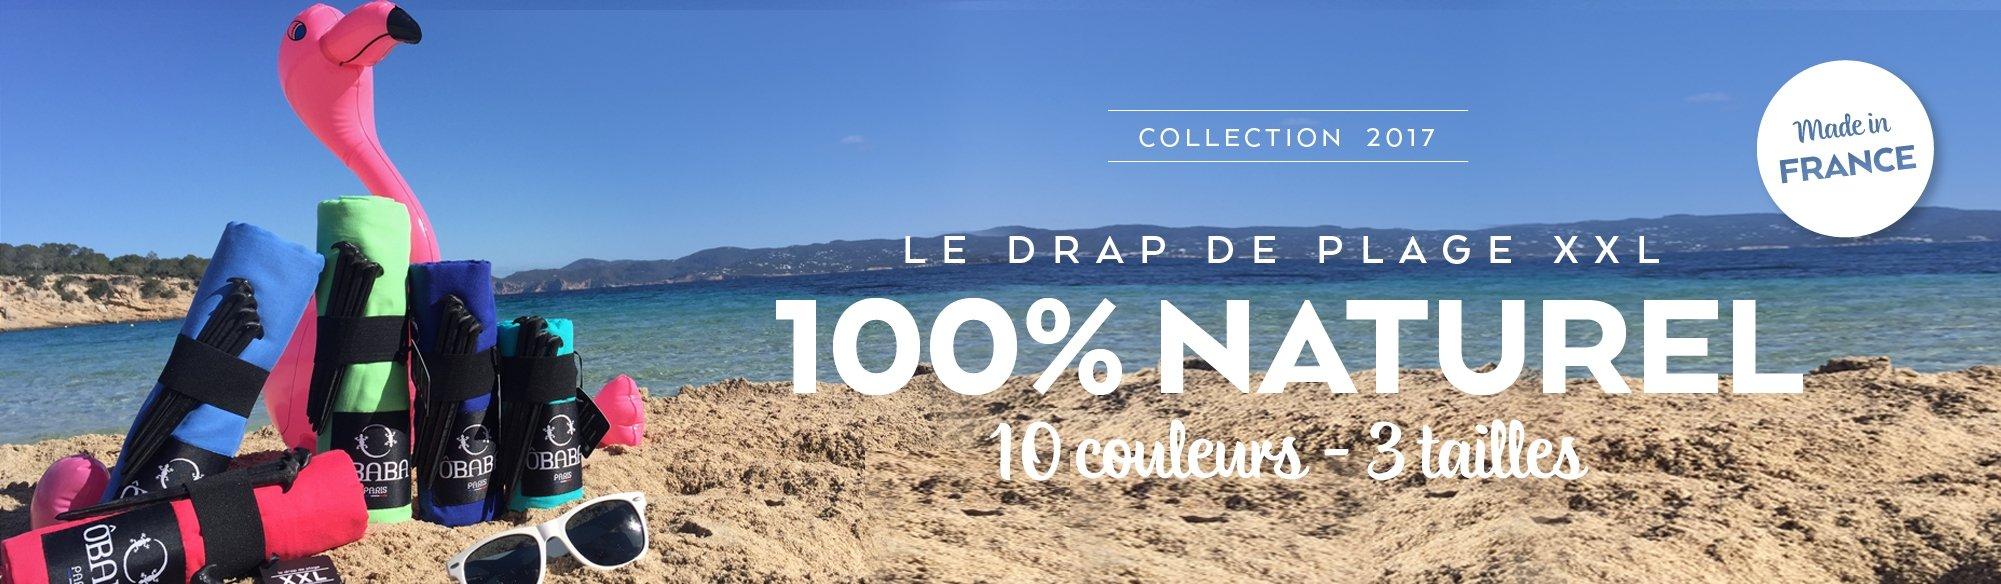 Le drap de plage 100% naturel